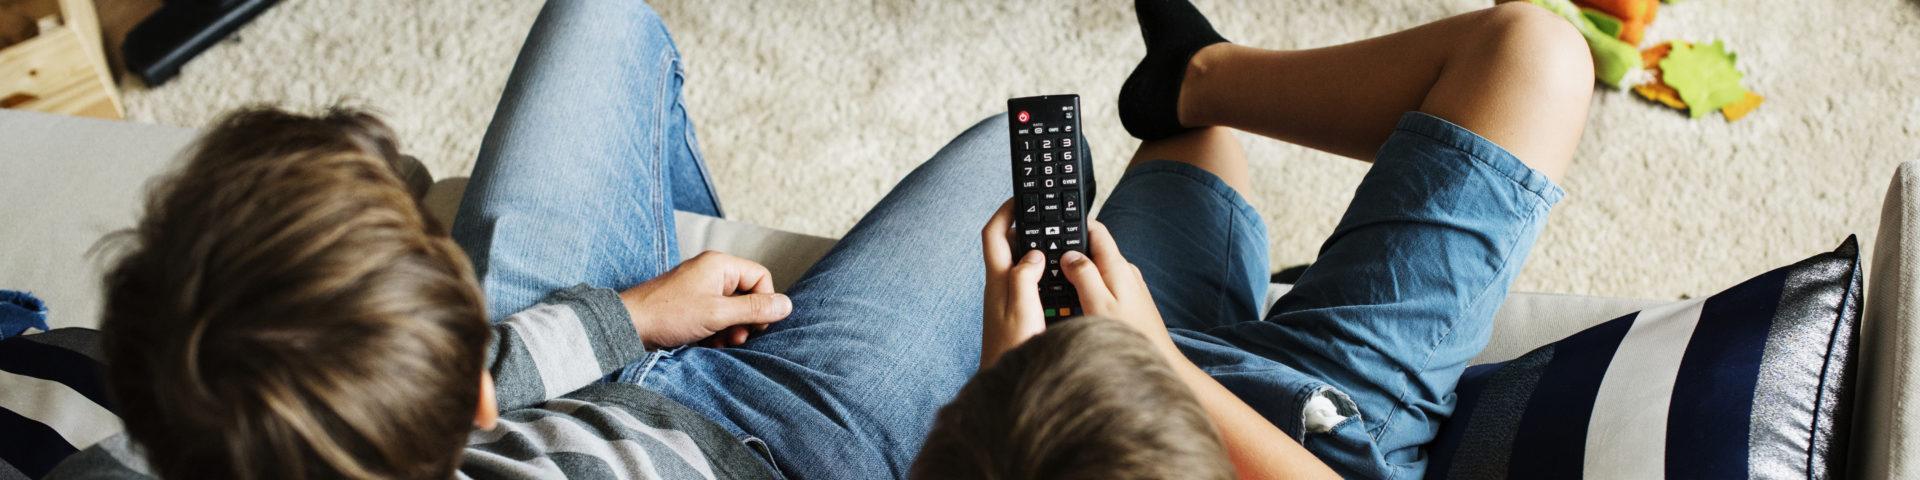 ¿Cómo la TV nos puede ayudar a educar a nuestros hijos e hijas?